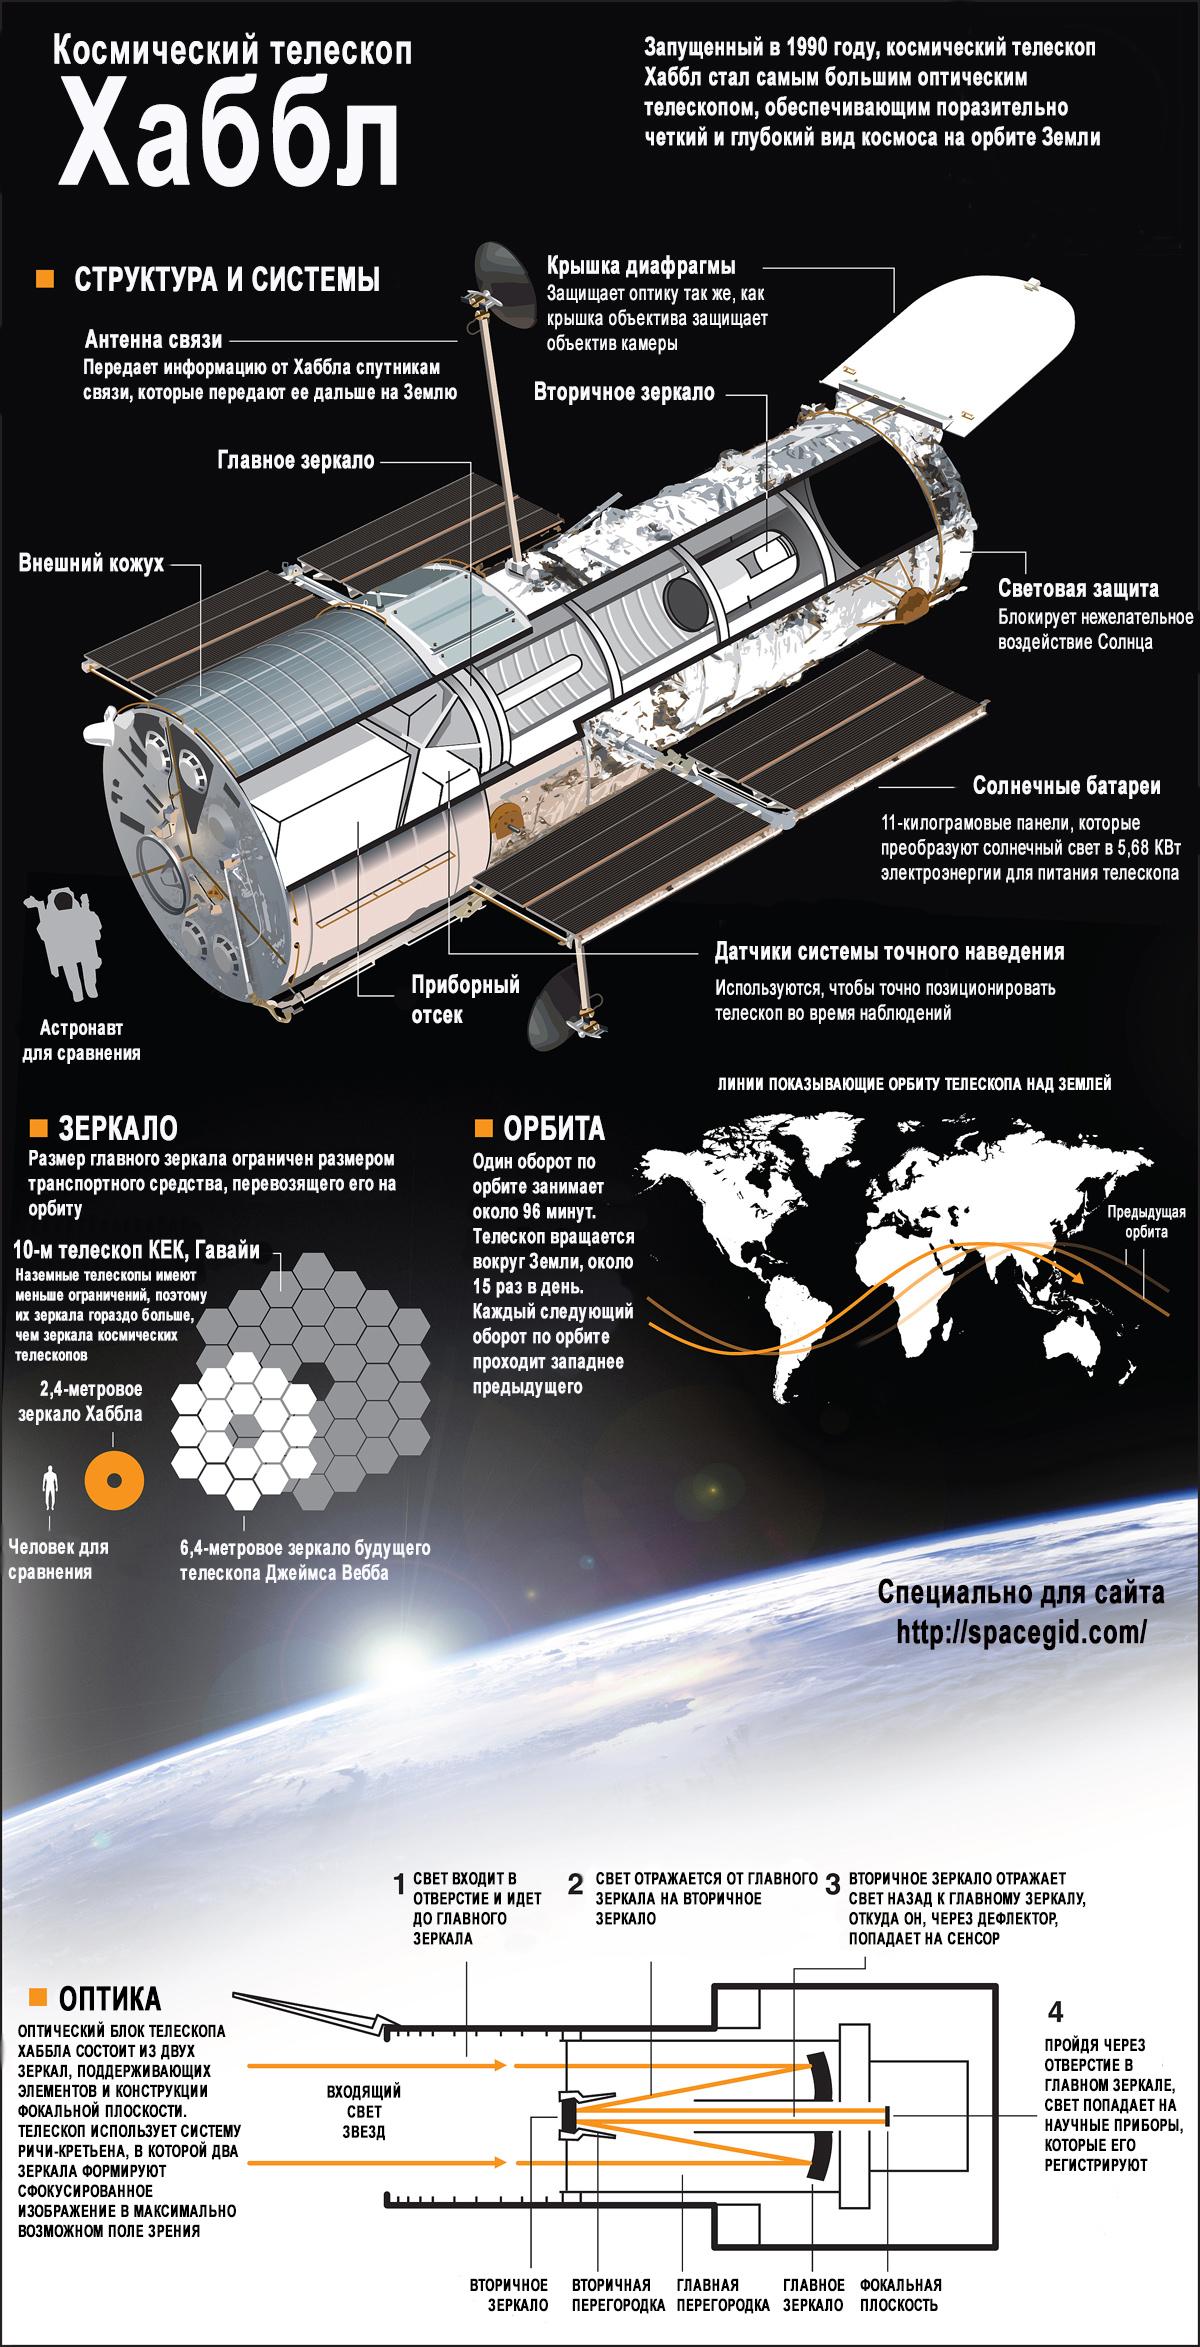 Схема строения Хаббла